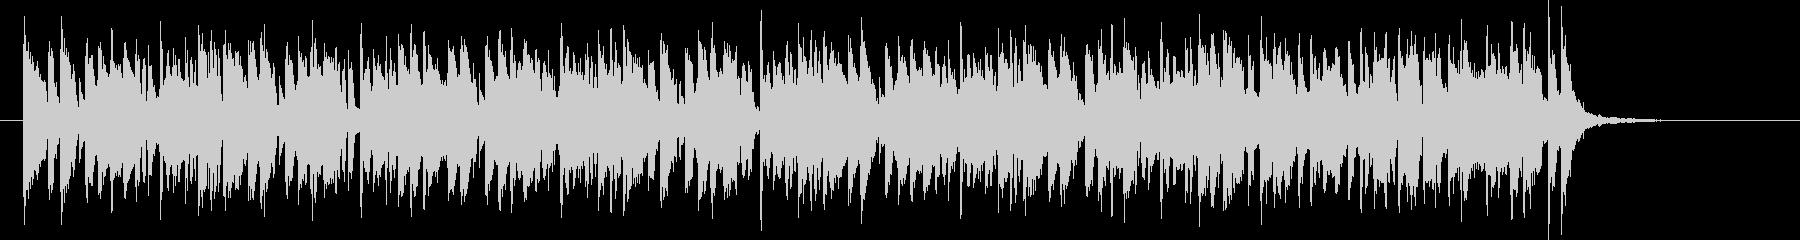 ホーンシンセの軽やかポップスの未再生の波形